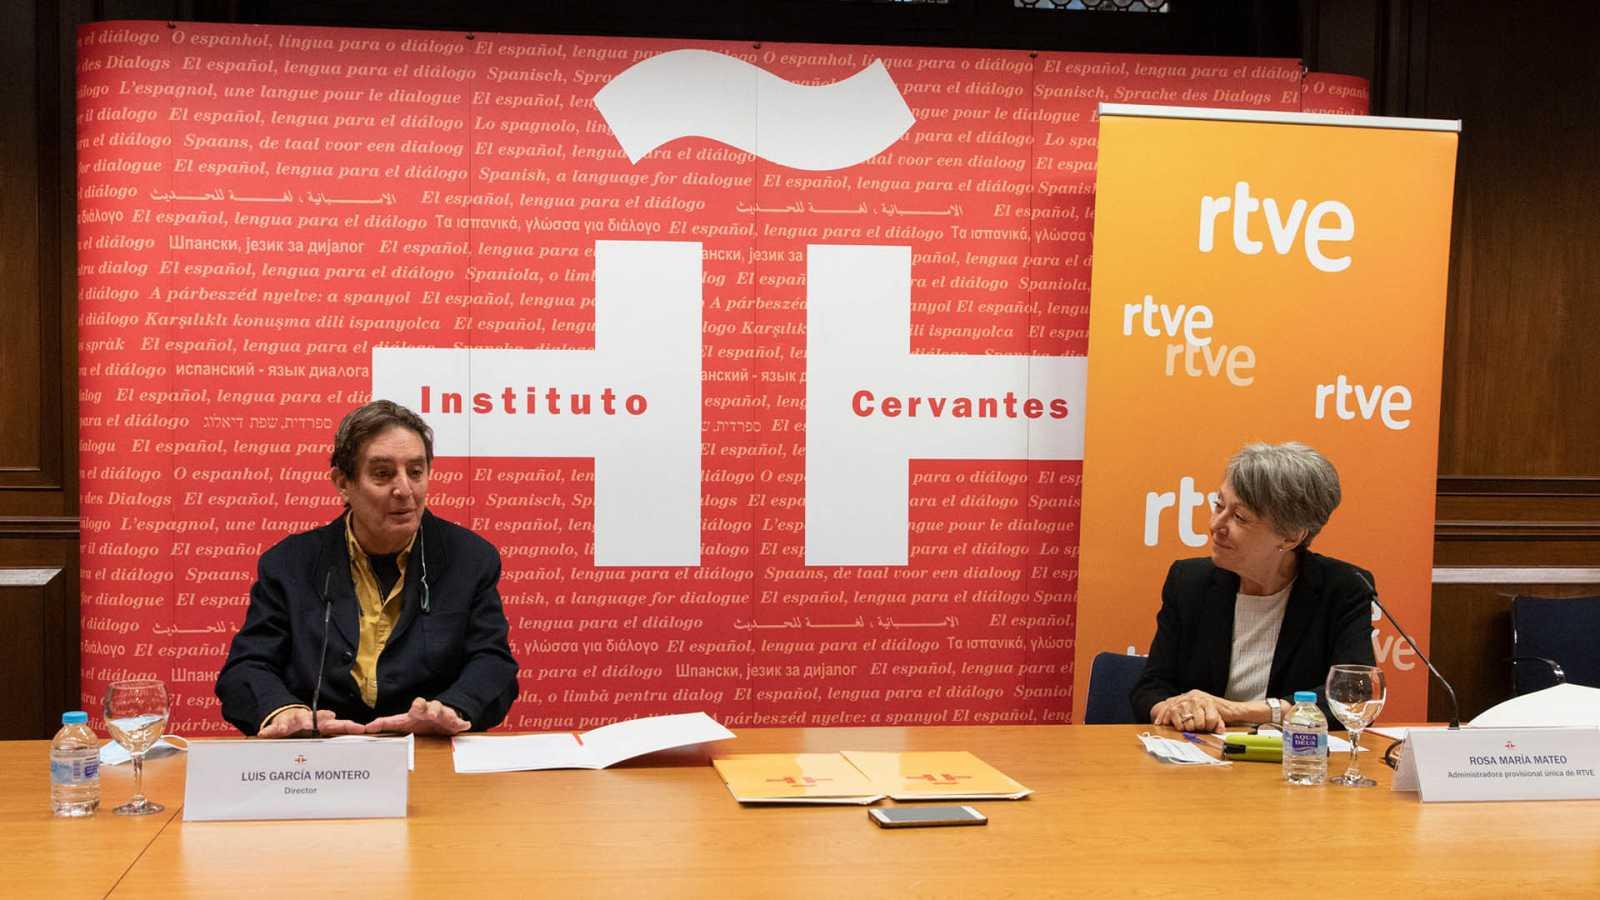 Rosa María Mateo y Luis García Montero